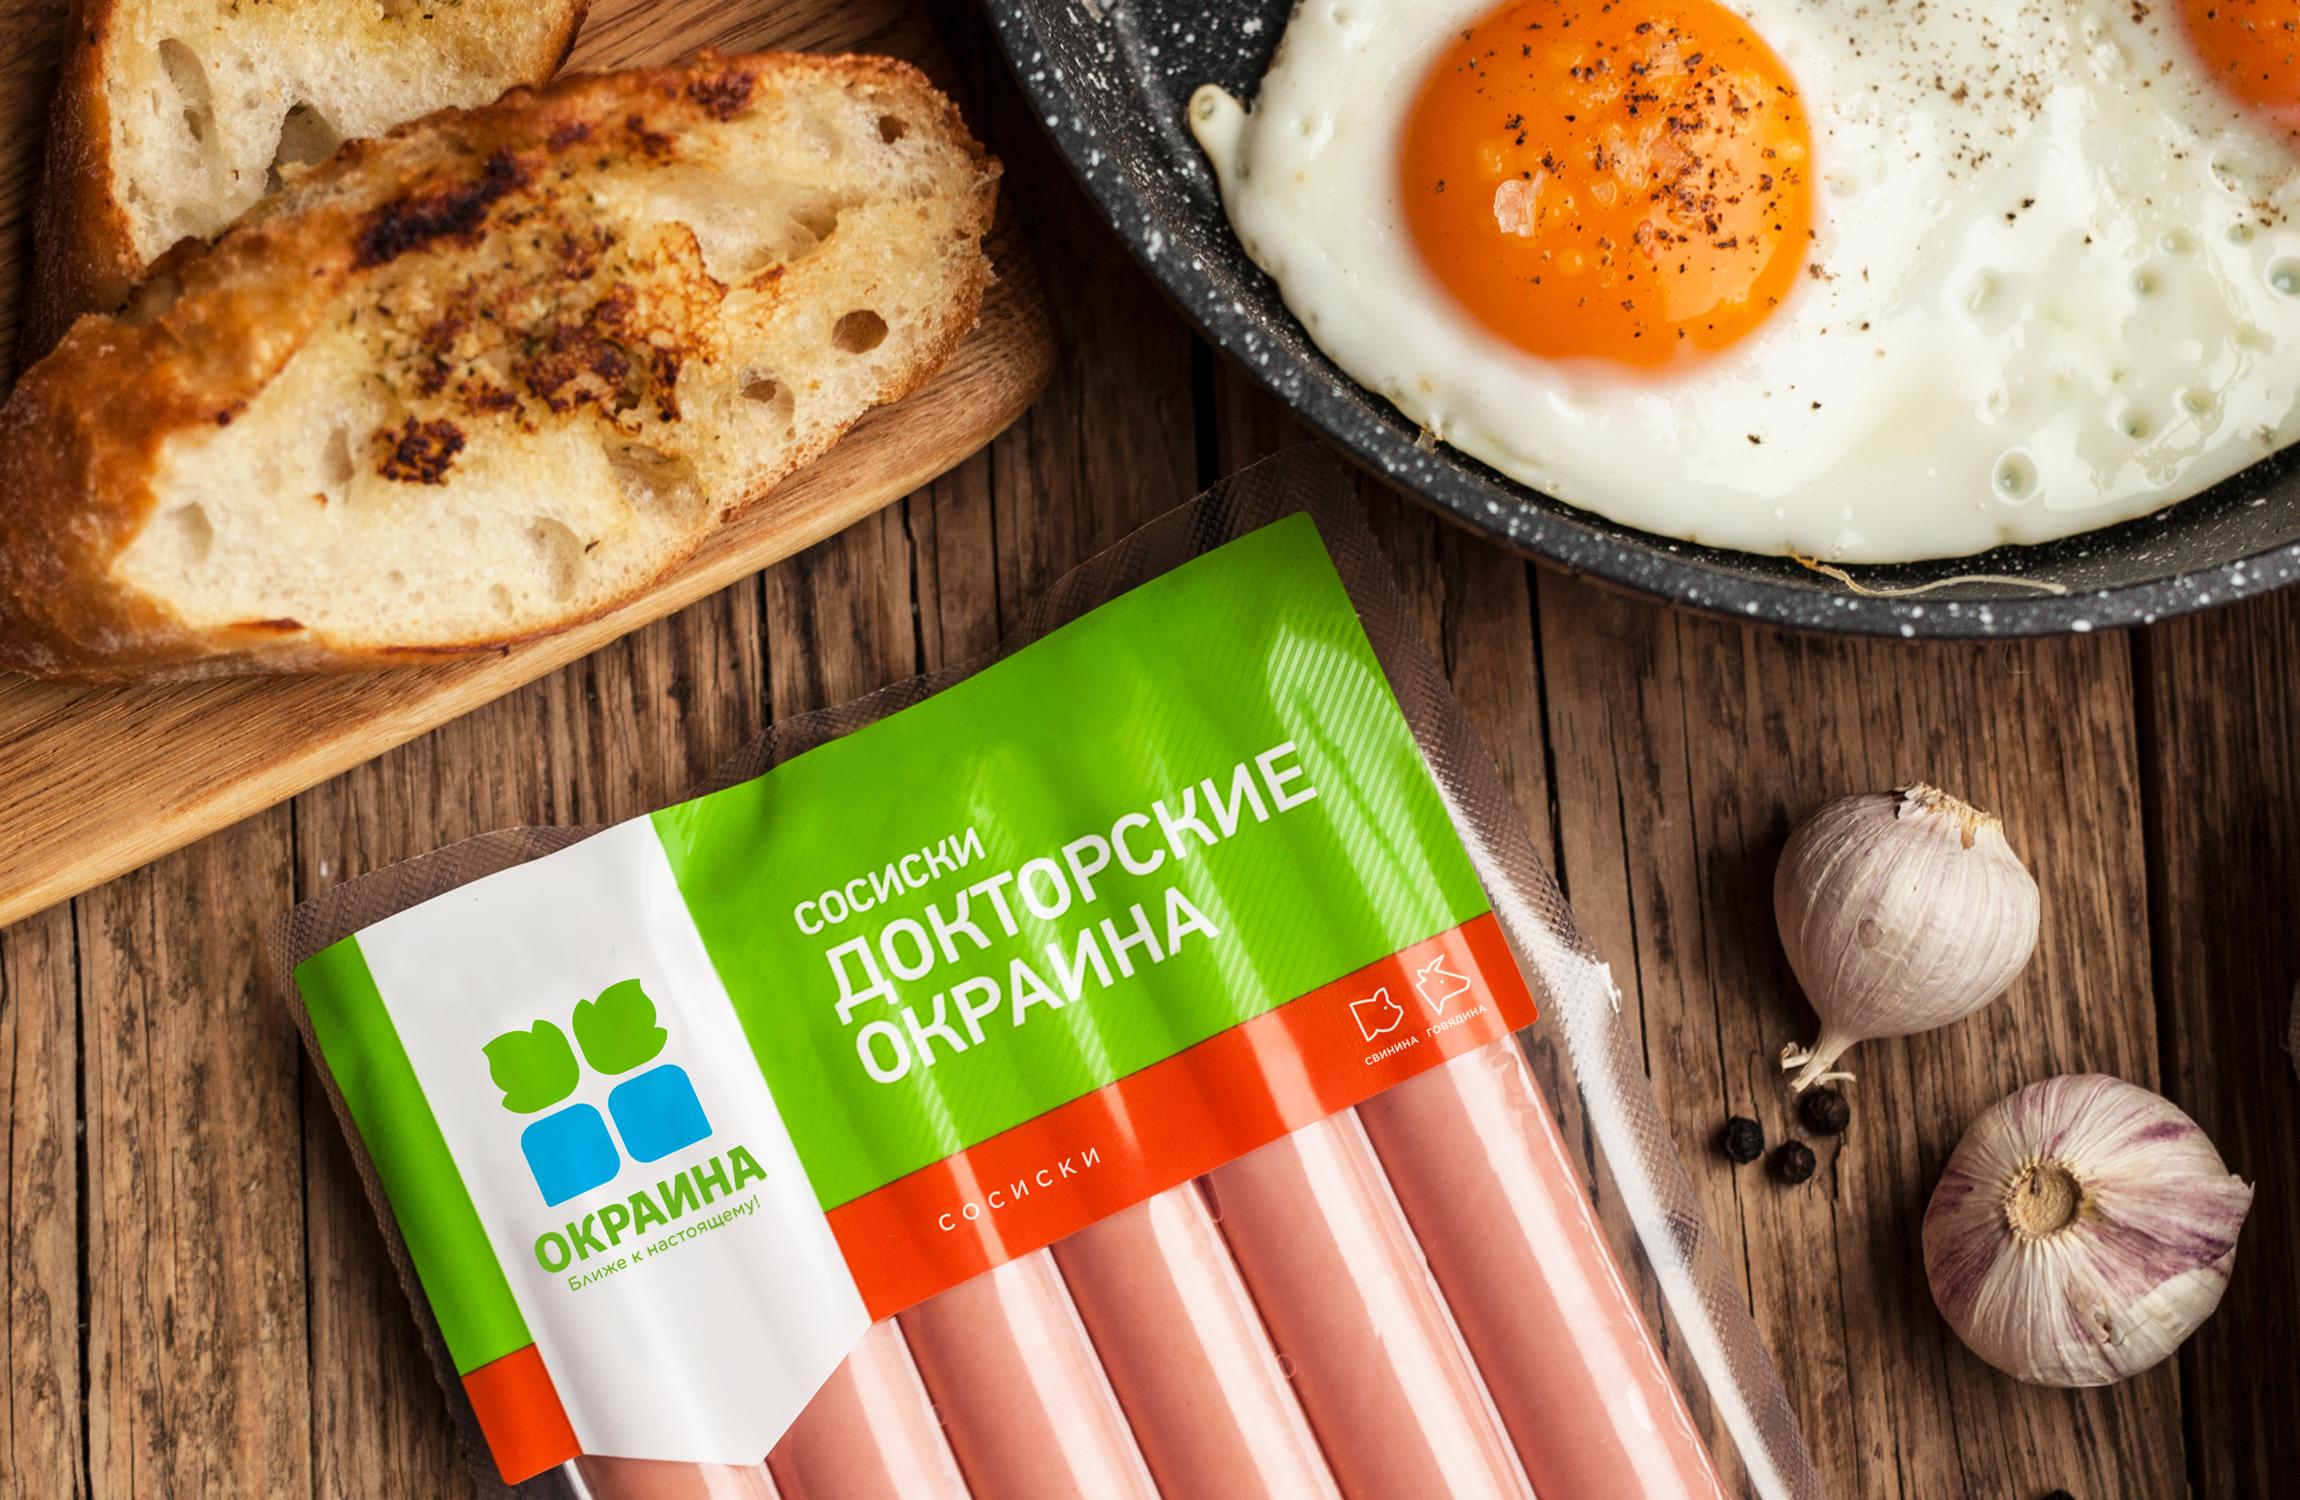 дизайн упаковки сосисок и колбас Окраин